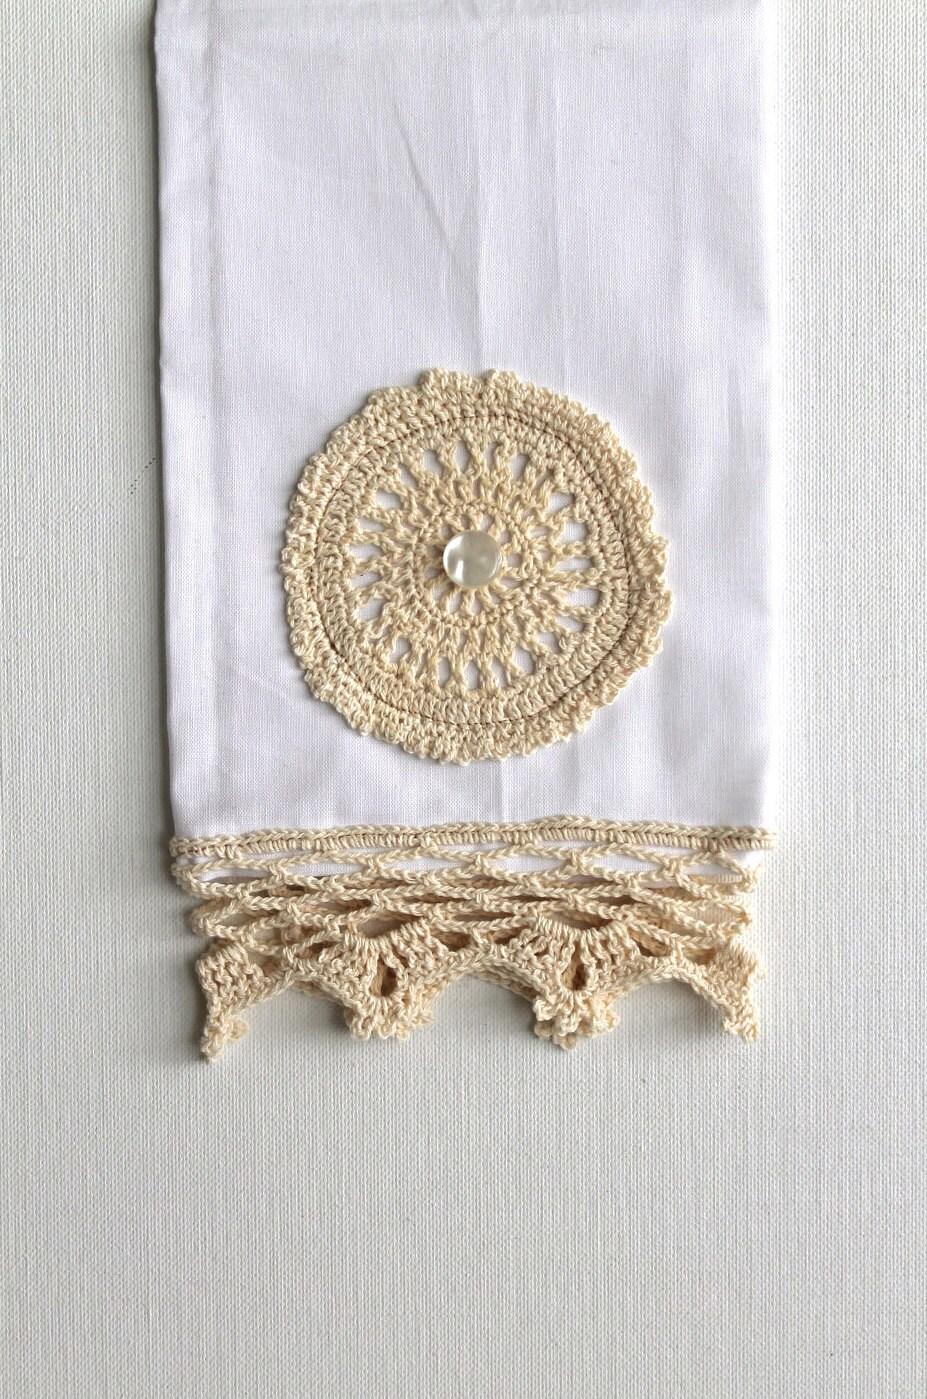 Потертый Chic кухня Показать полотенце вязания крючком кружева полотенце ручной белый крем